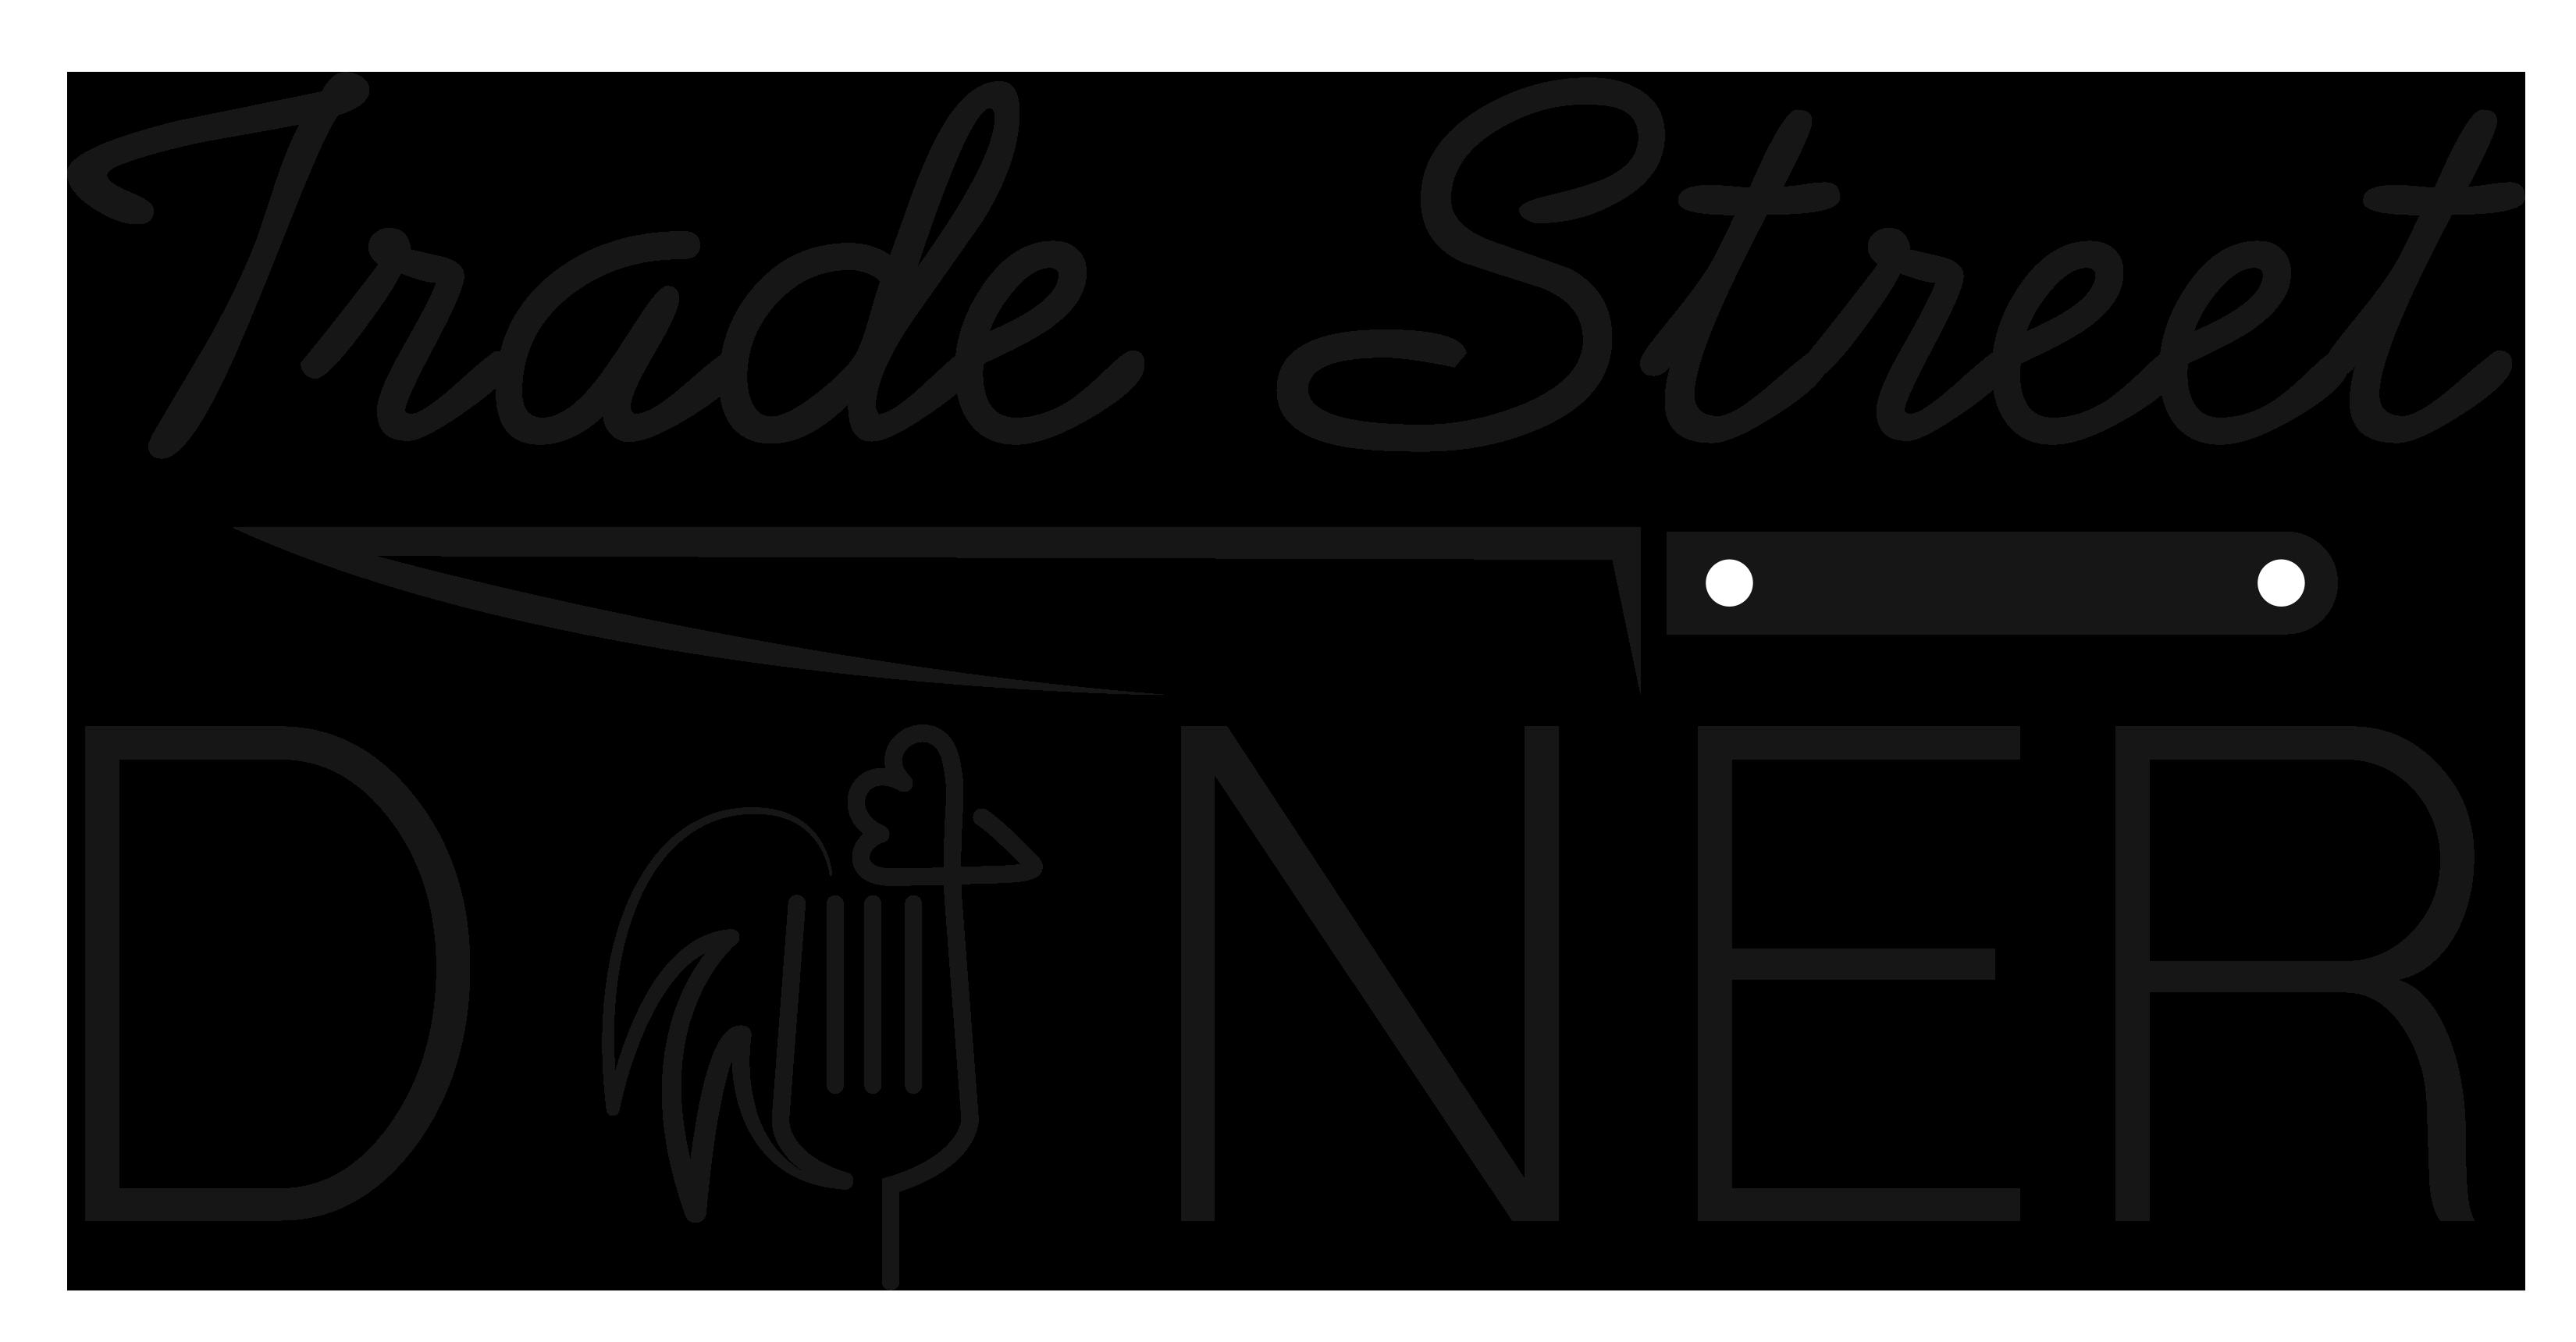 Trade St. Diner Home